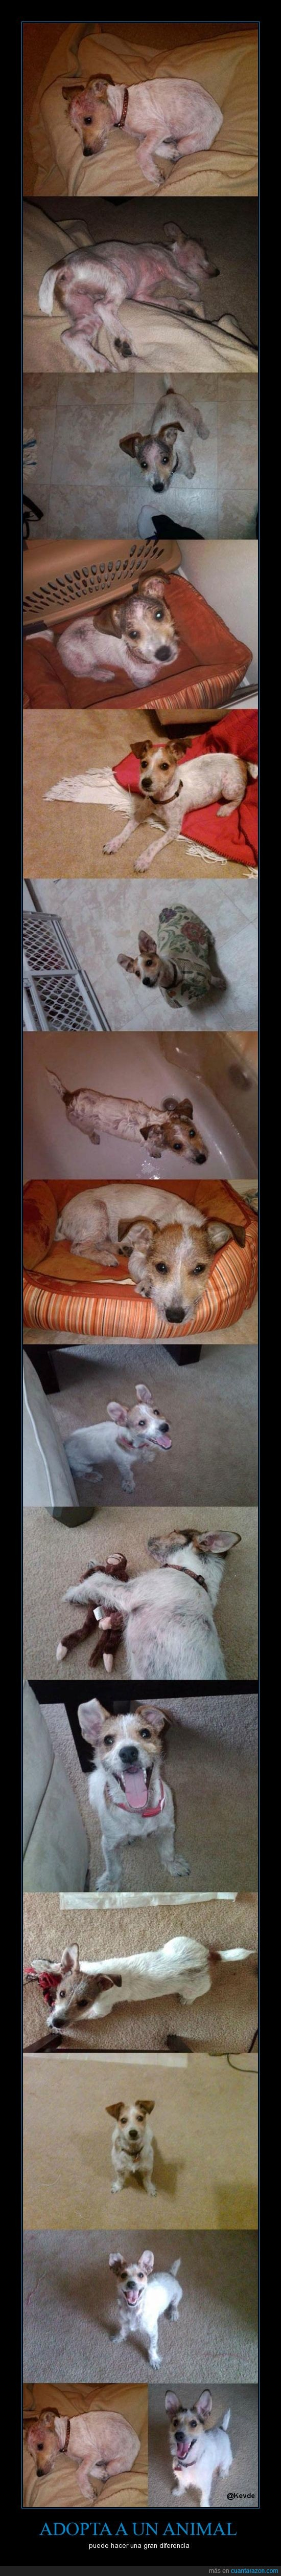 adoptar,animal,diferencia,mascota,pelo,perro,salvar